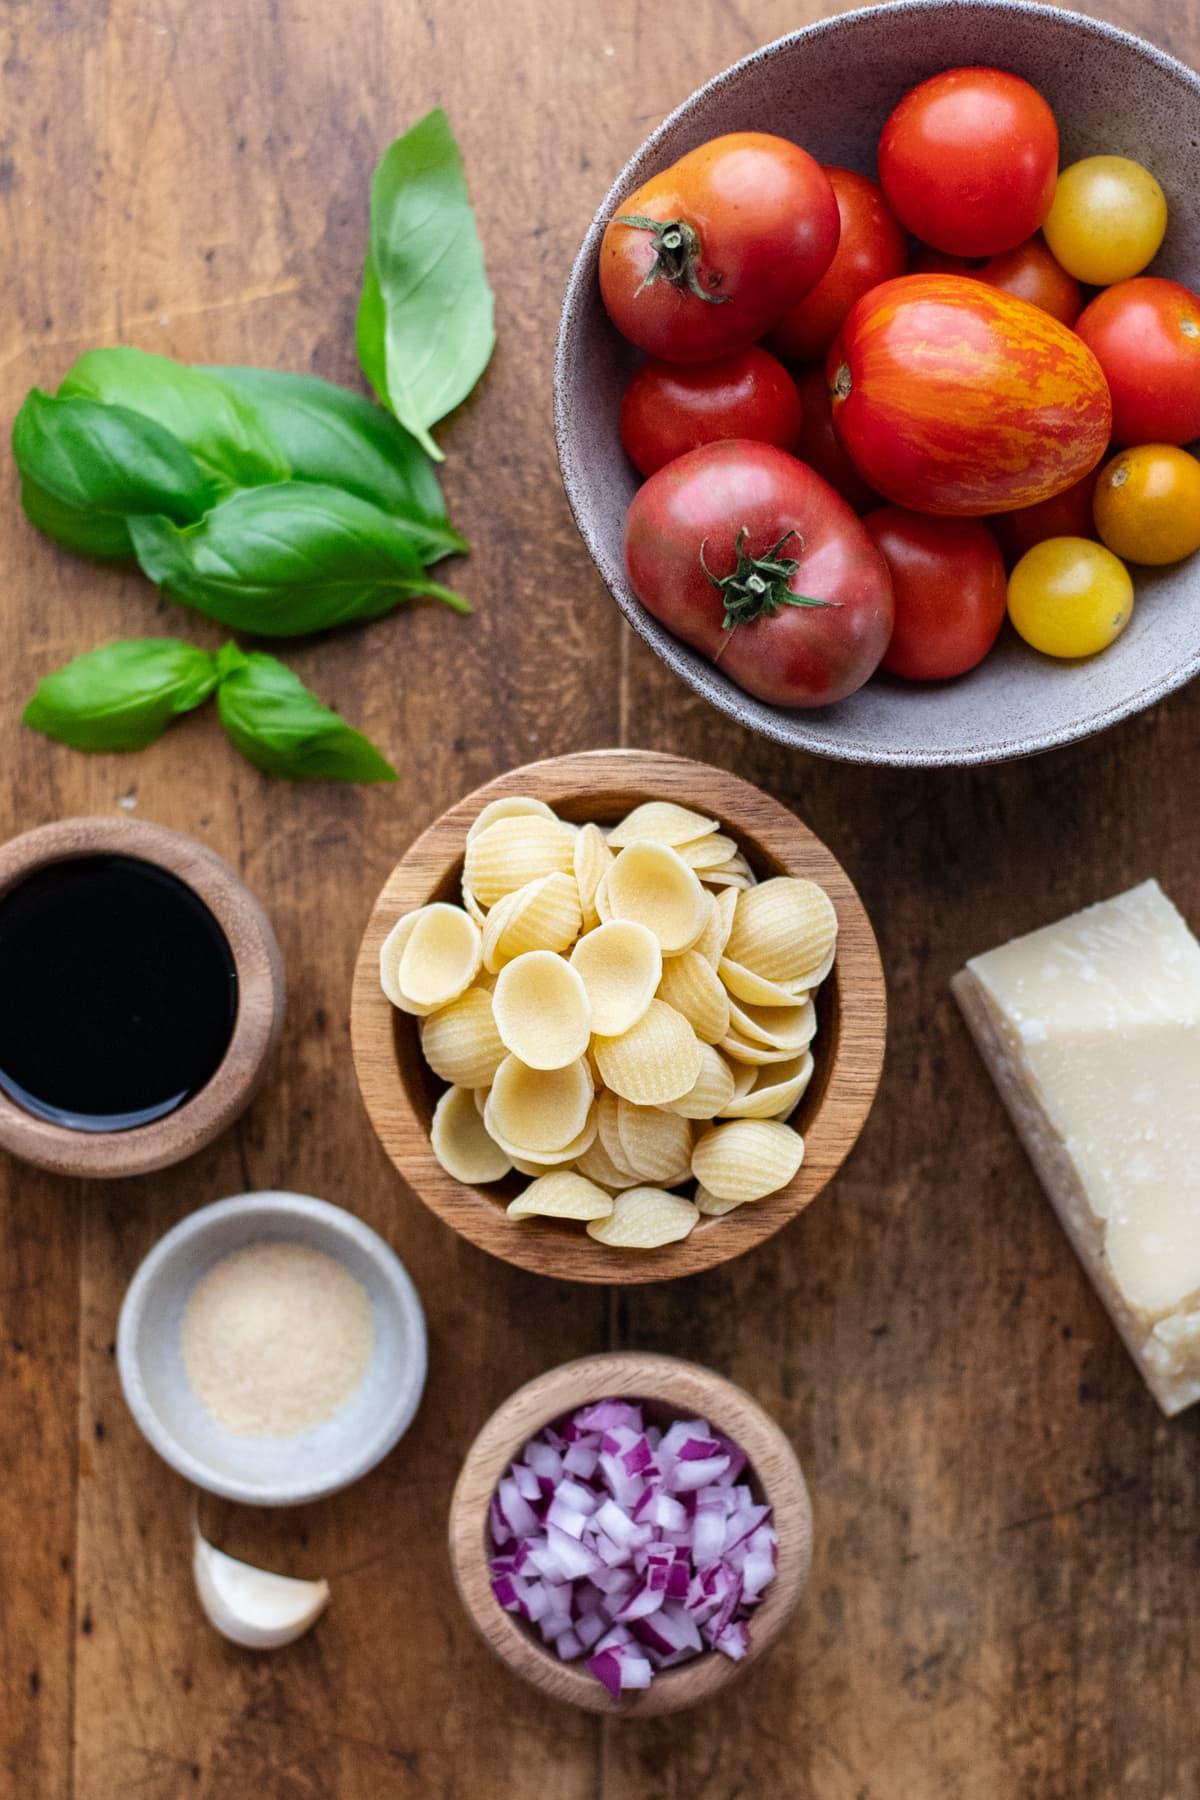 Ingredients for bruschetta pasta arranged on a wooden background.